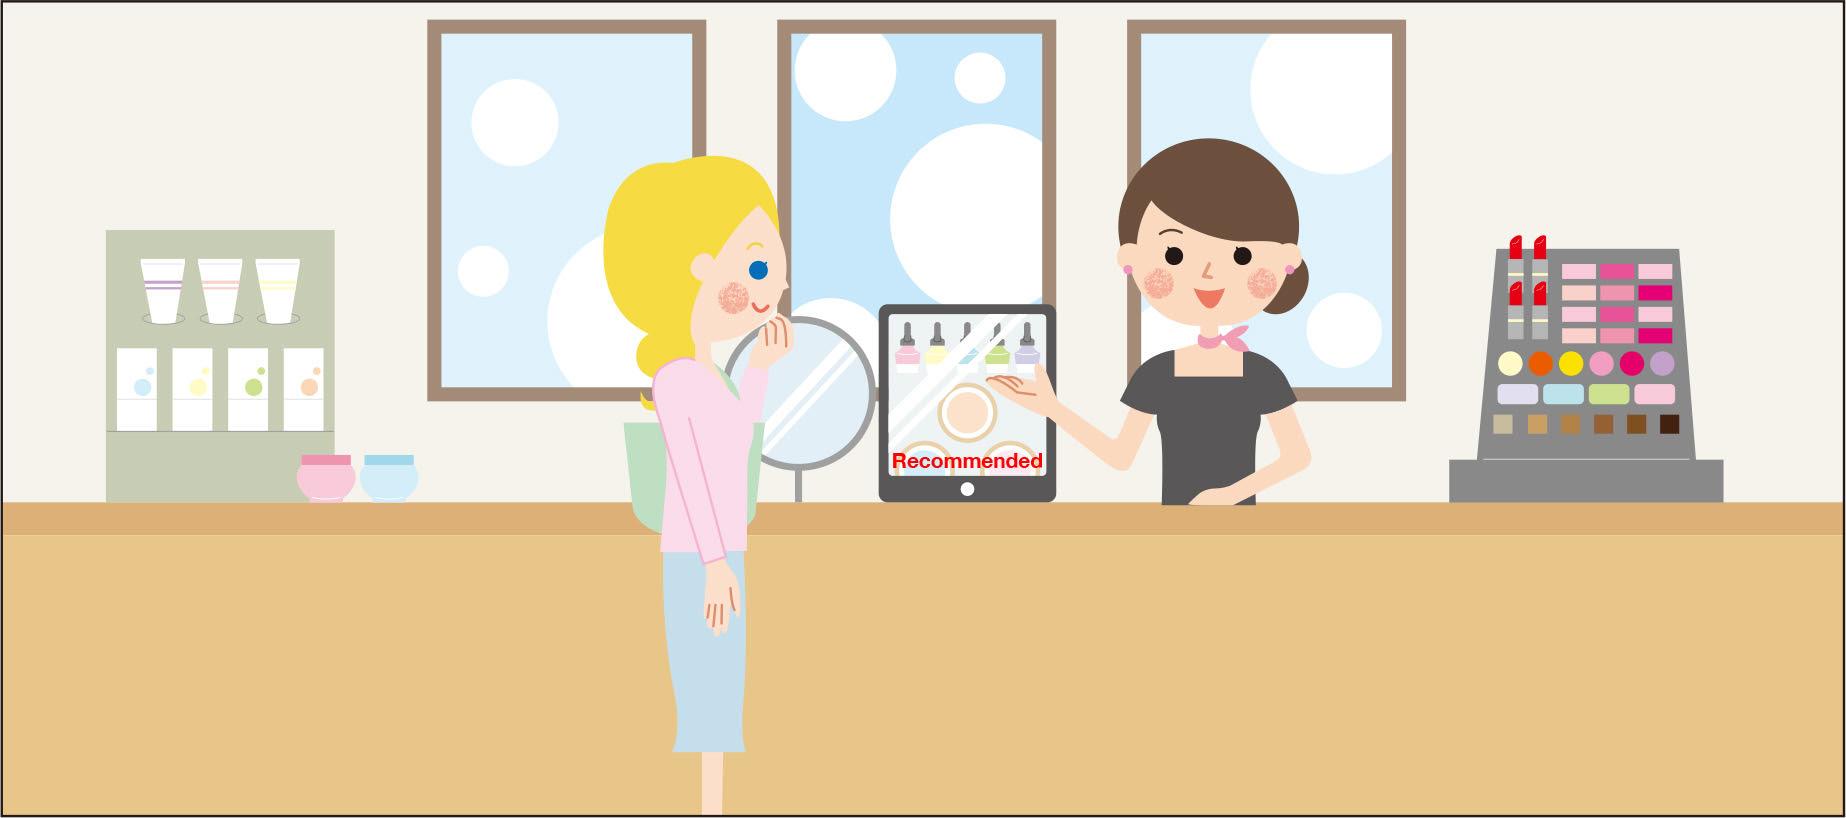 ジャパリンガル for MovableType.net 利用シーン2: 店員さんがタブレットで翻訳されたページを見せつつ訪日外国人の方に商品を紹介しているシーン